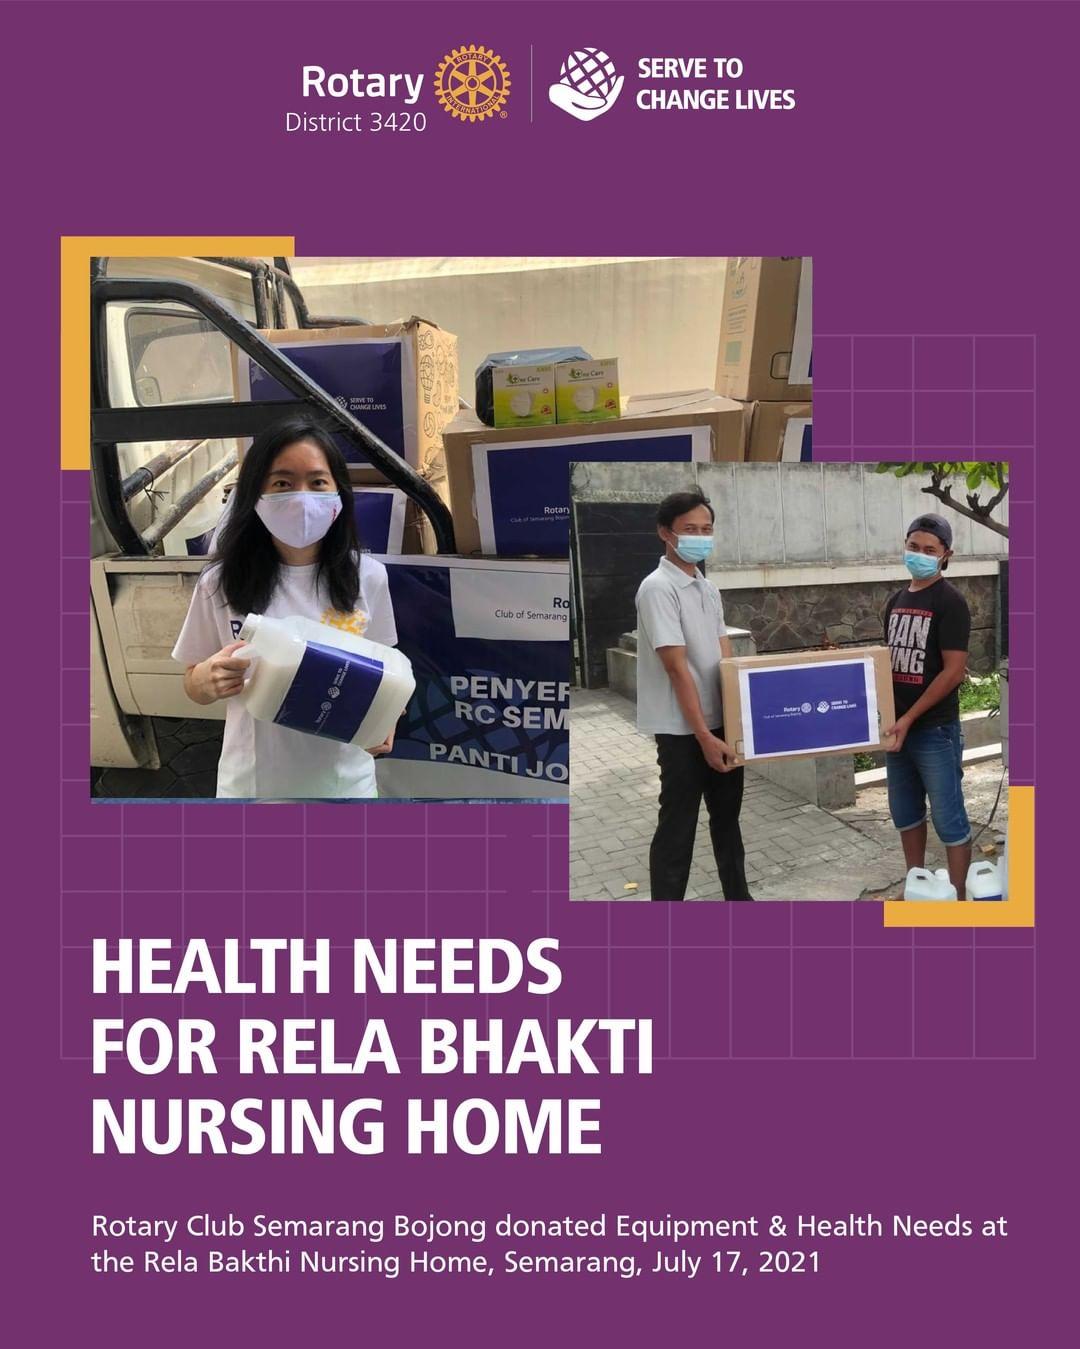 Health Needs for Rela Bhakti Nursing Home